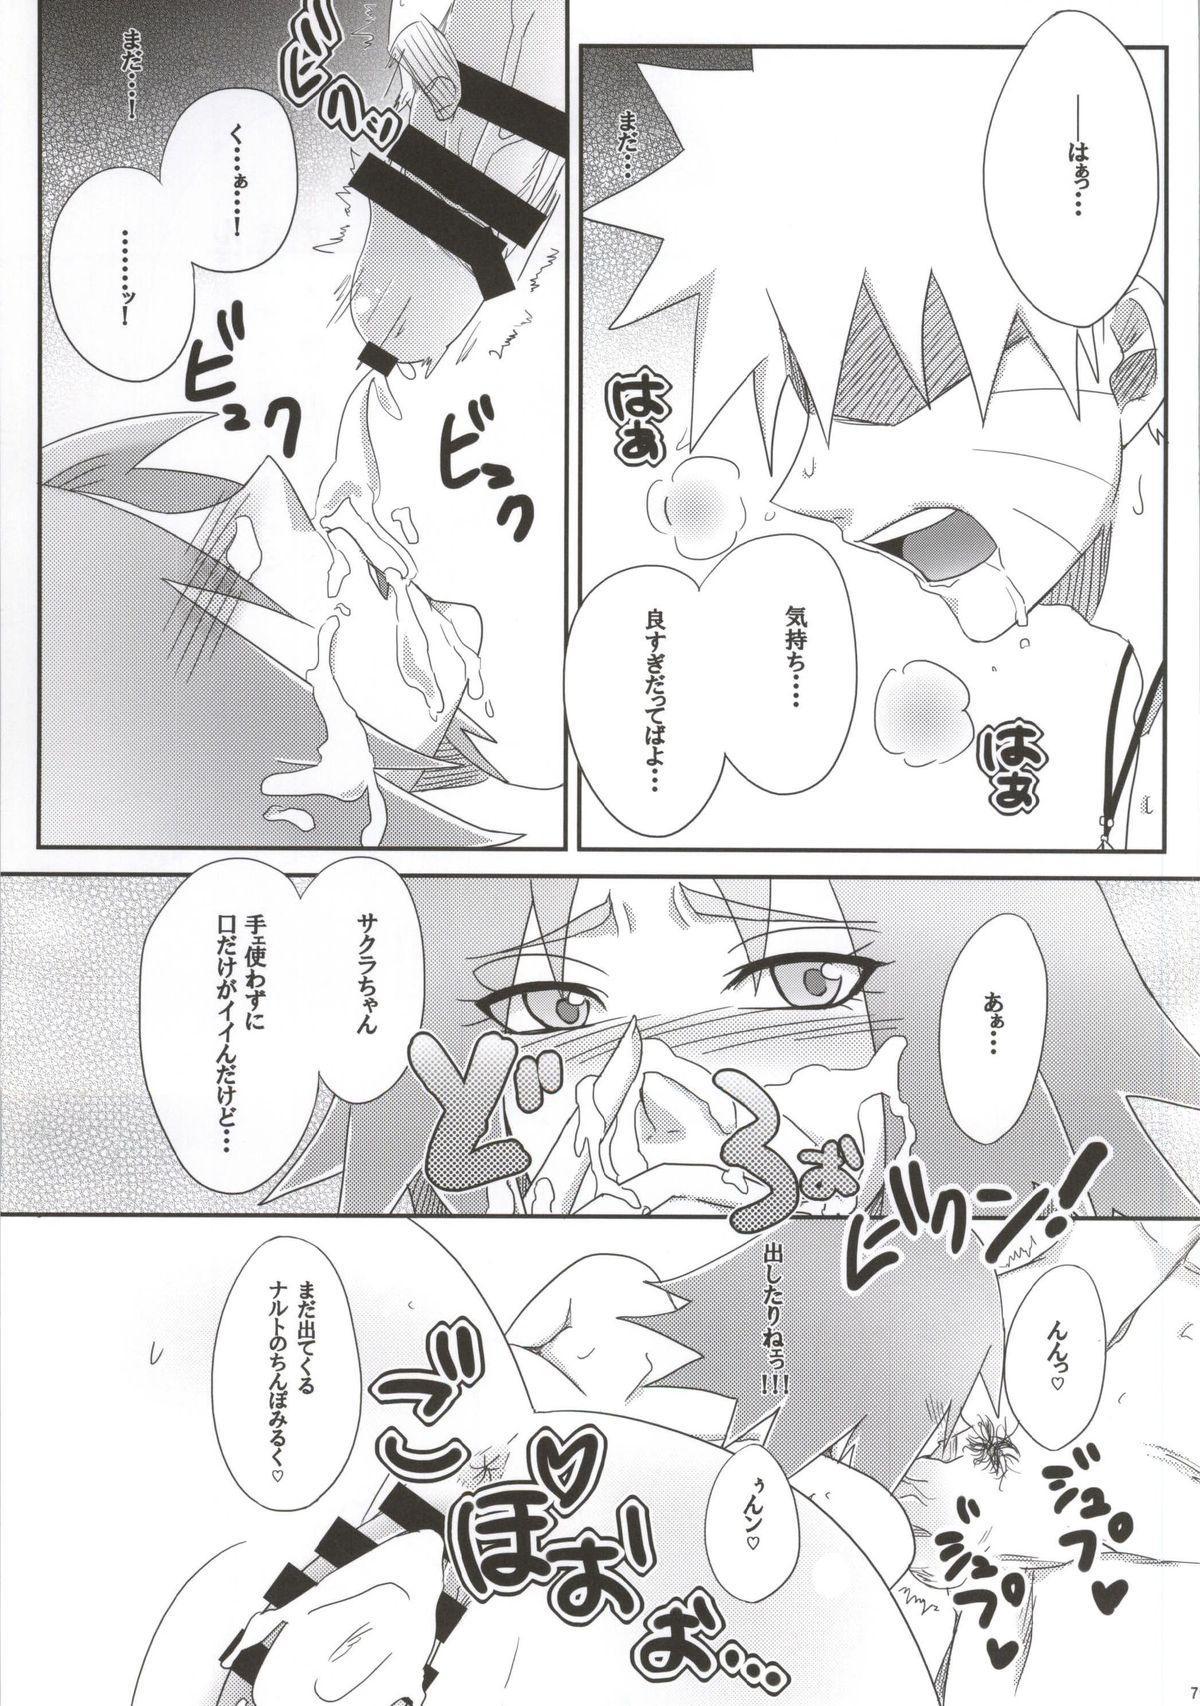 Shinobi no Kokoroe 77